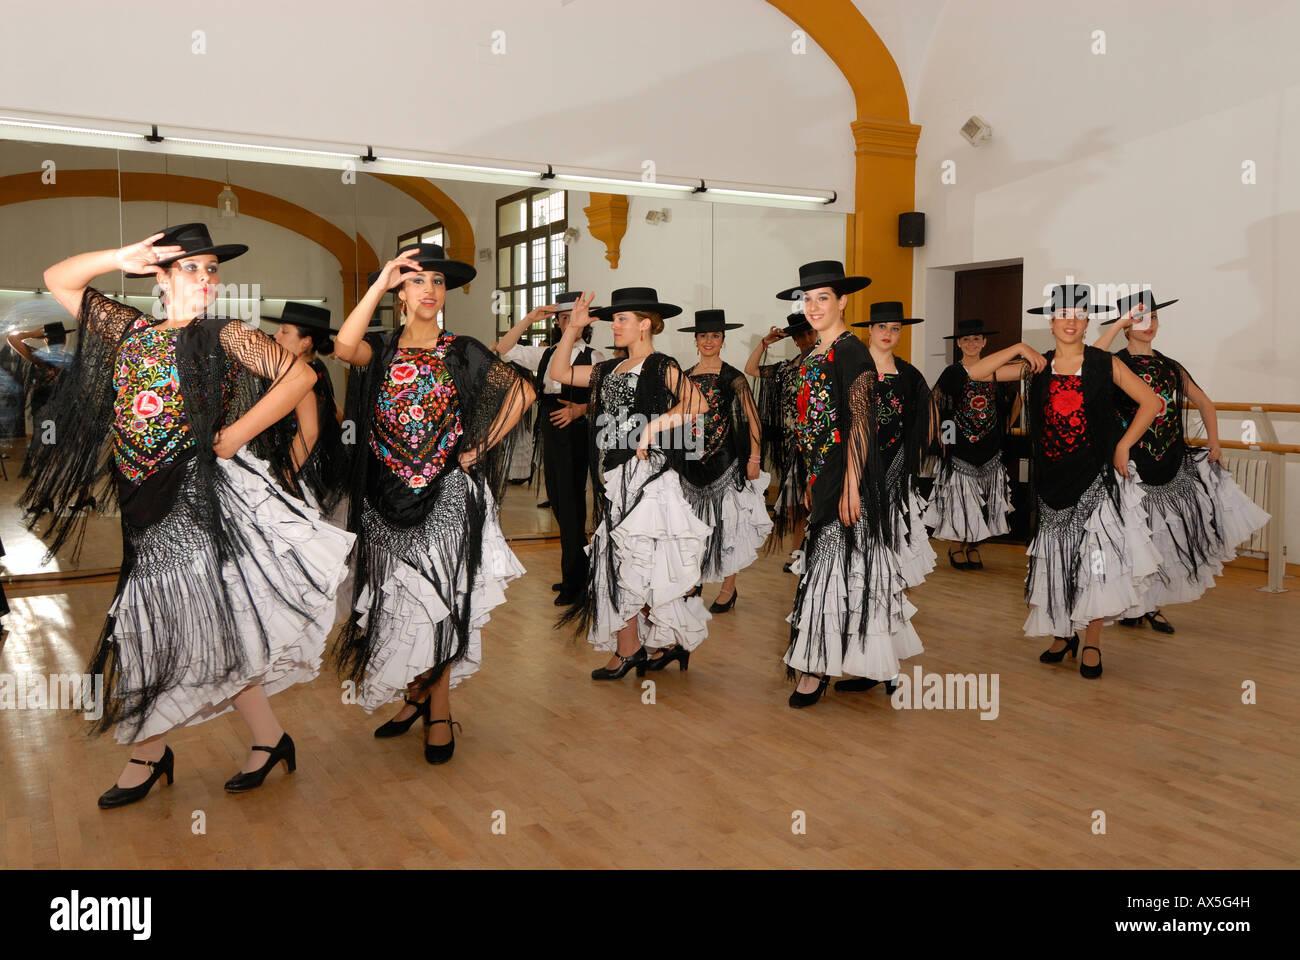 Grupo Flamenco practicando en el Conservatorio de Danza, Sevilla, Andalucía, España, Europa Imagen De Stock